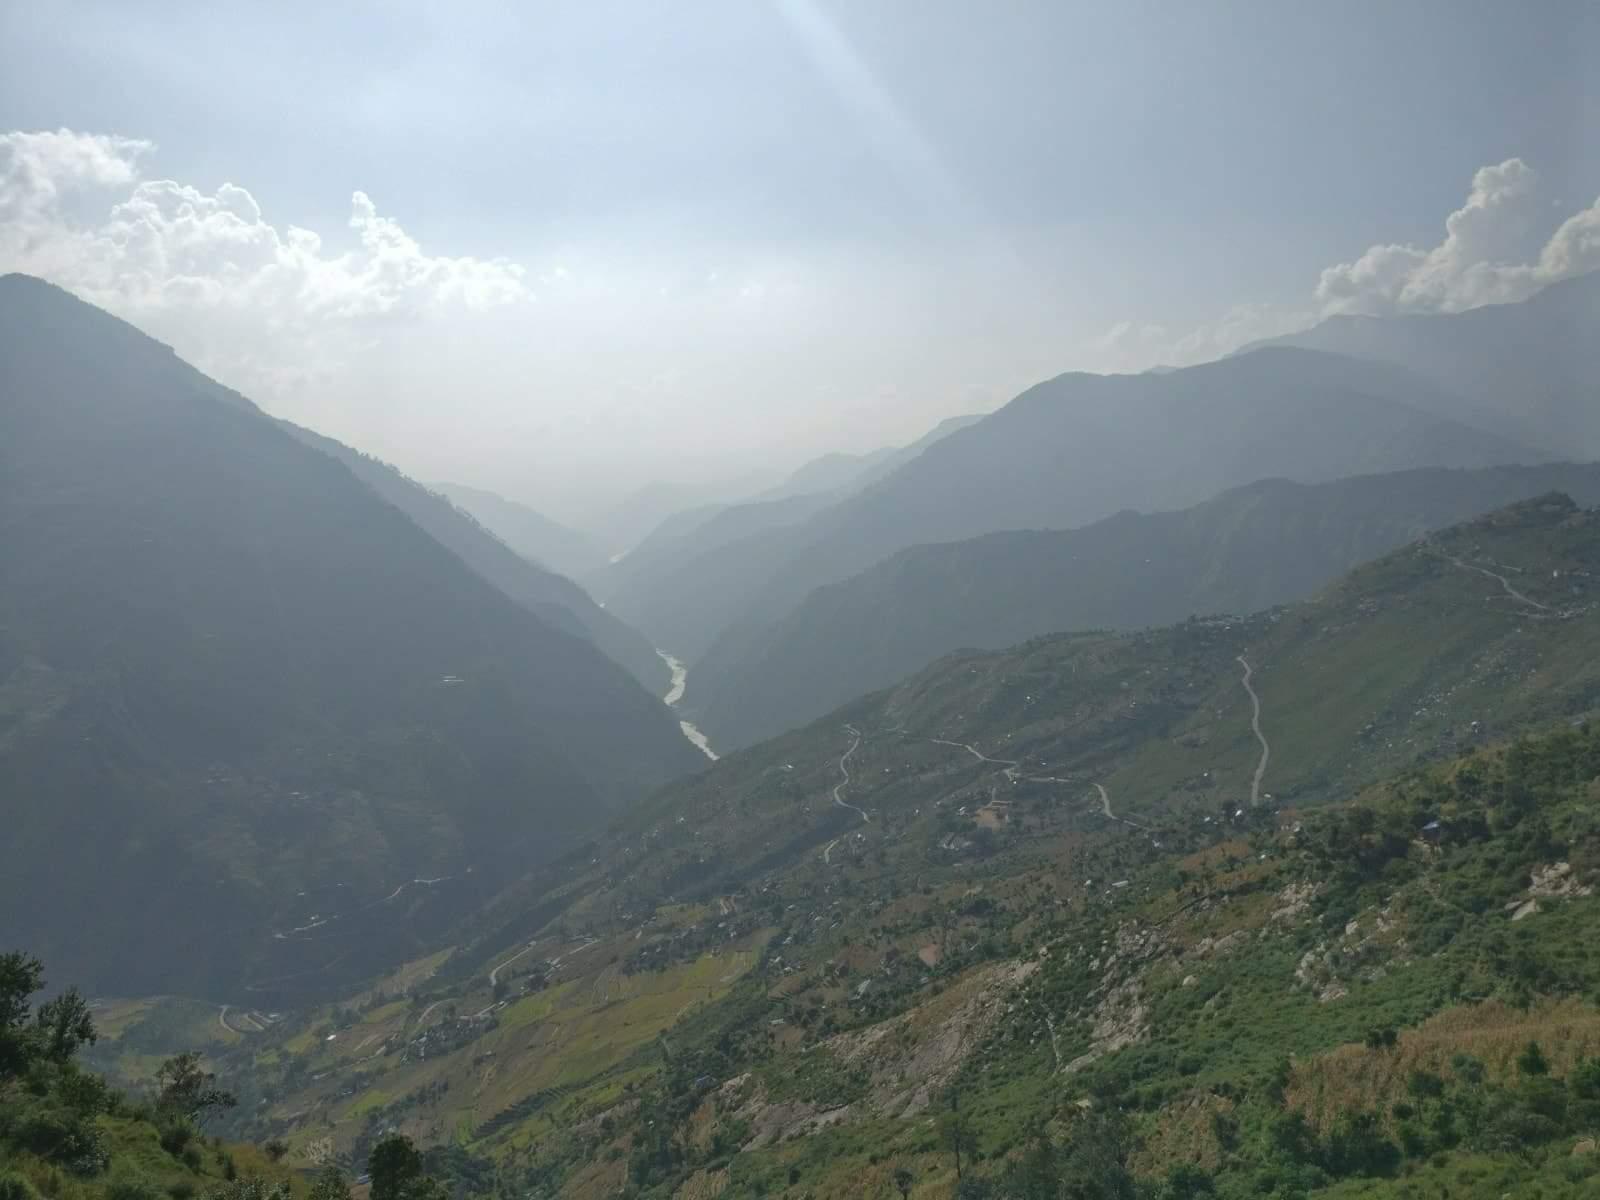 Maanma Bajar, Kalikot